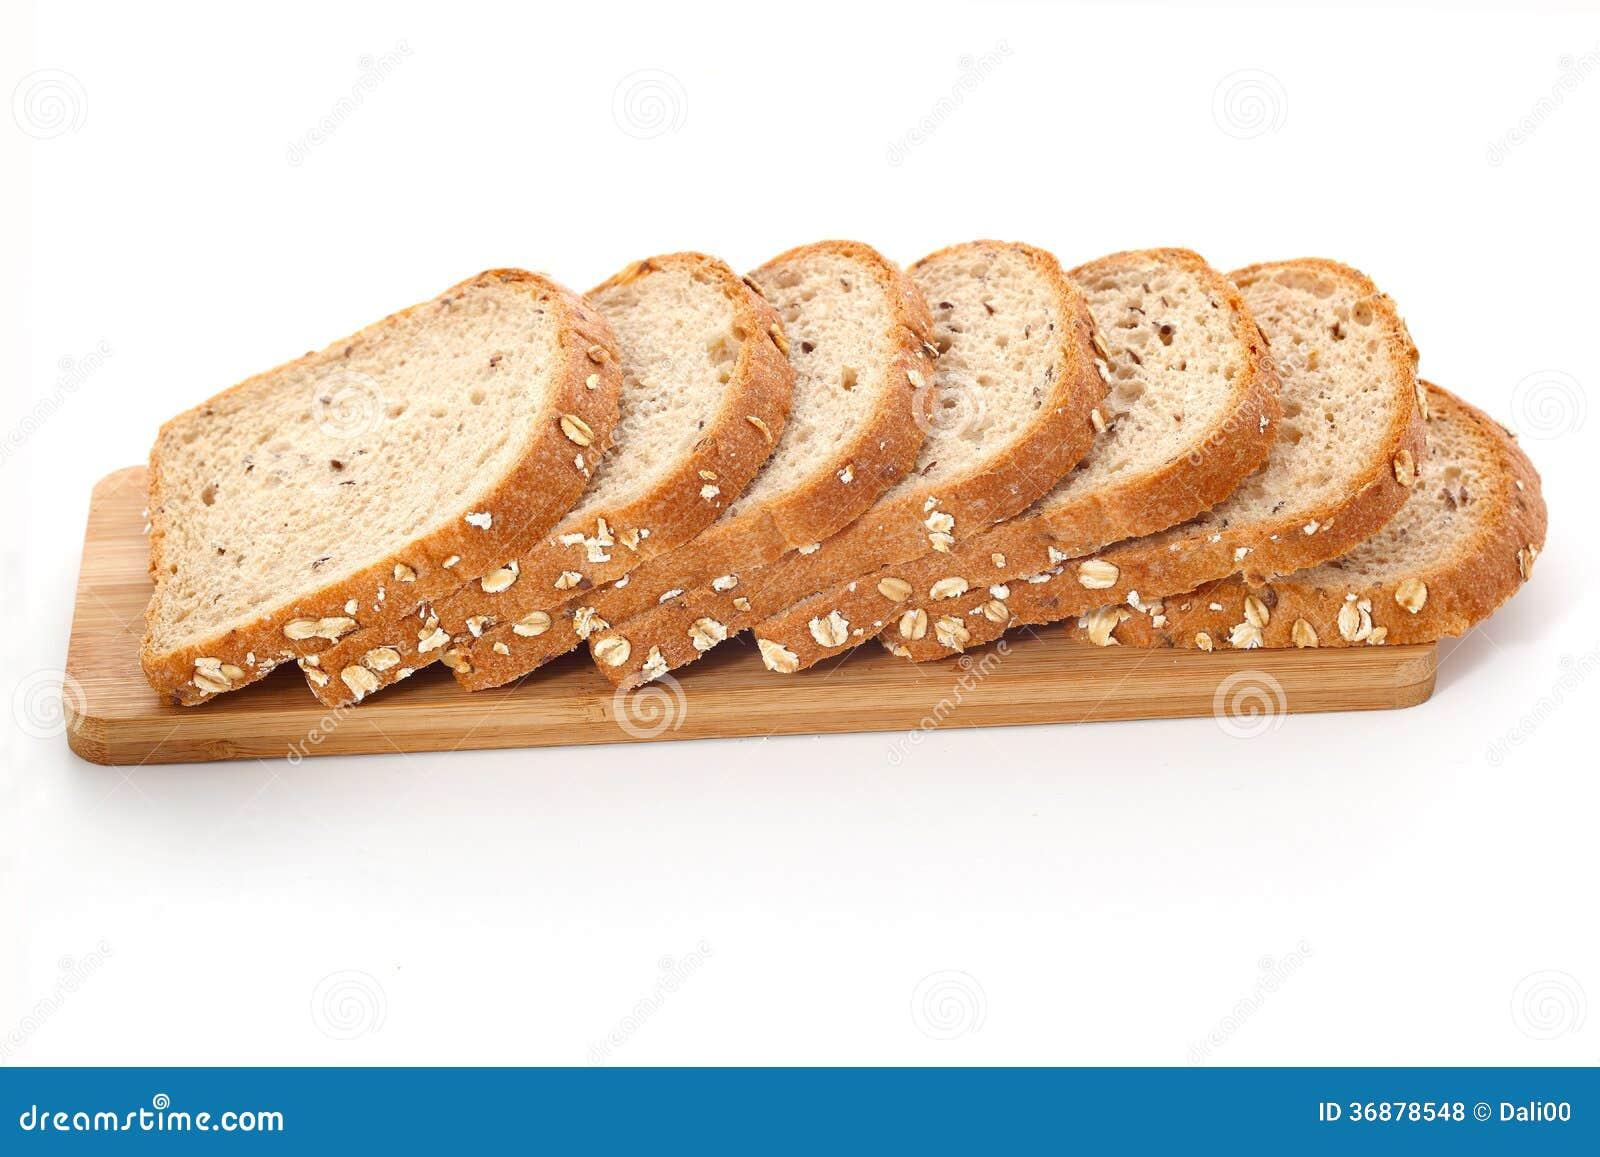 Download Taglio del pane fotografia stock. Immagine di cuocia - 36878548